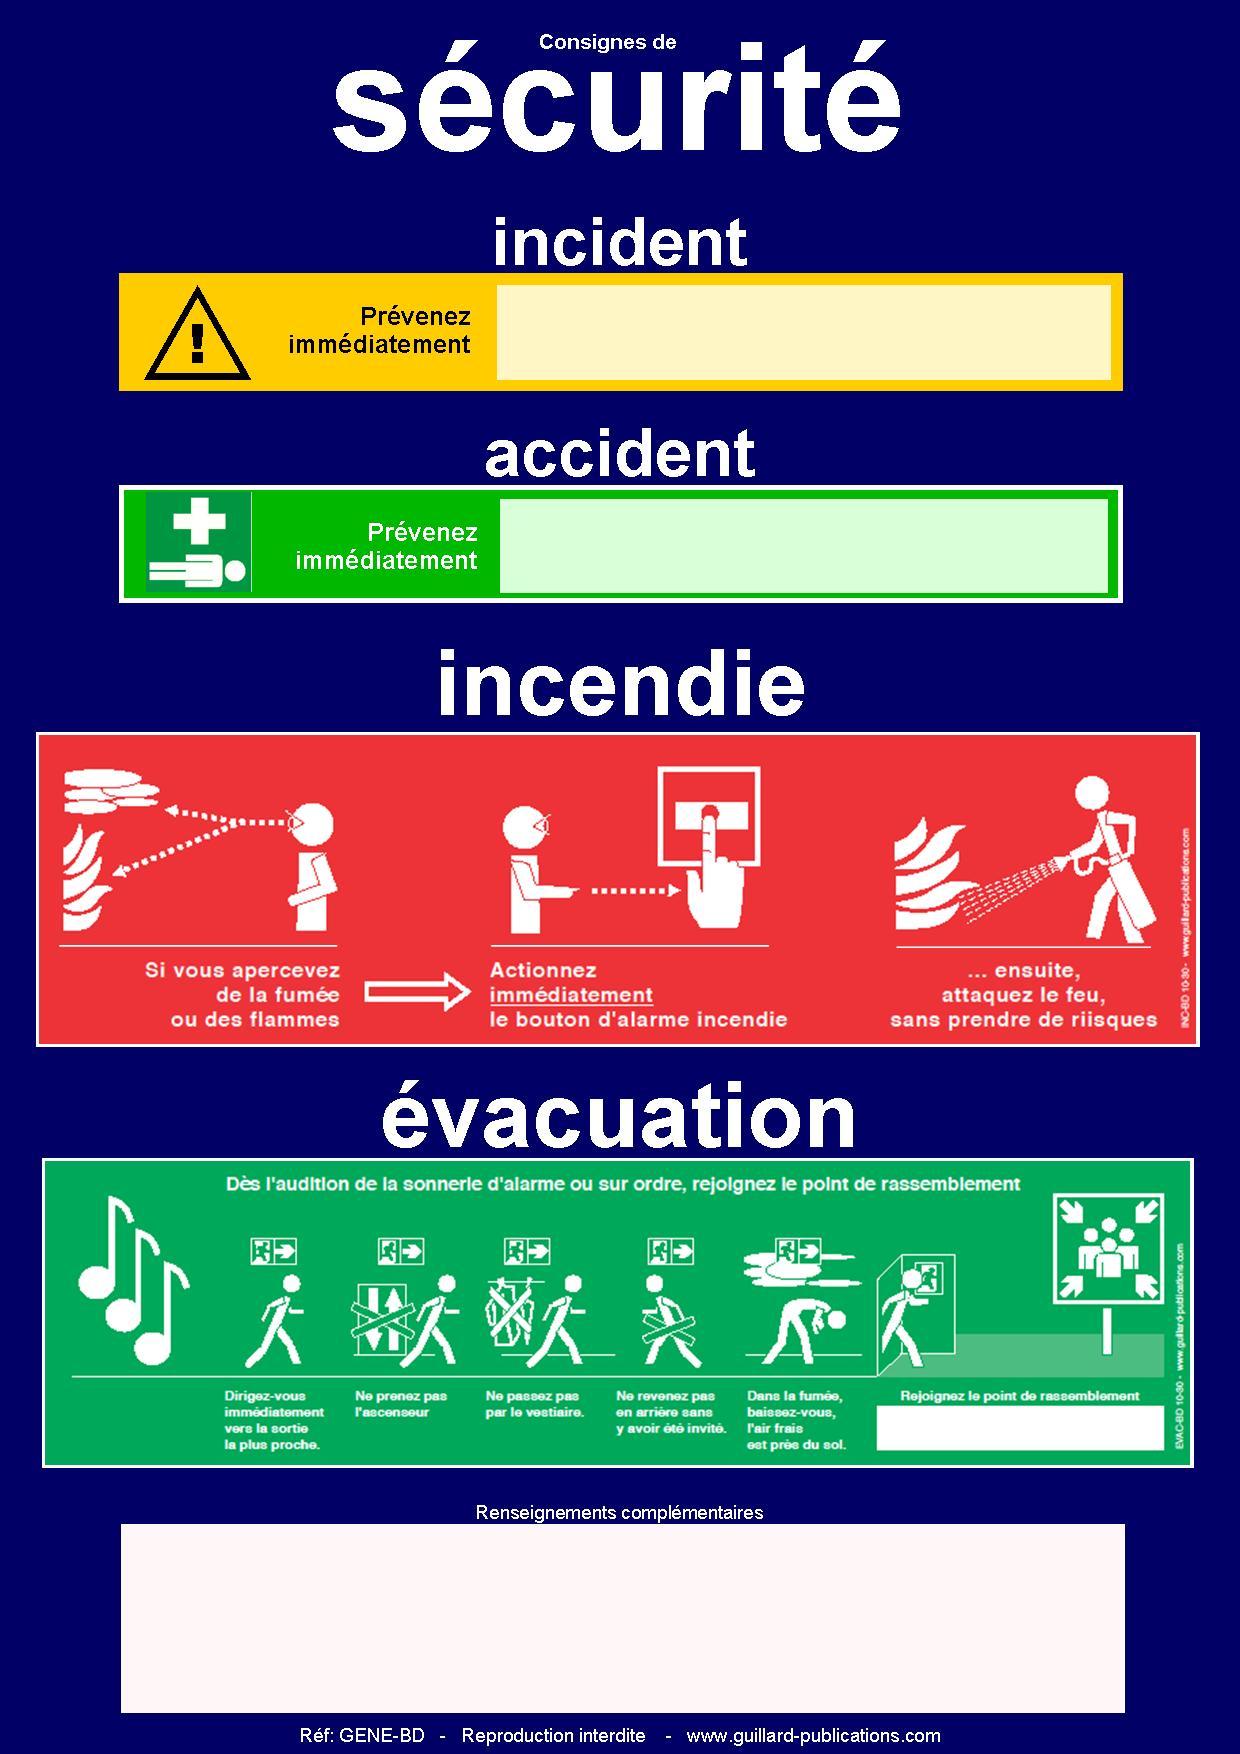 Panneaux de consignes de s curit incendie vacuation accident et incident guillard - Tout a l egout obligatoire ...